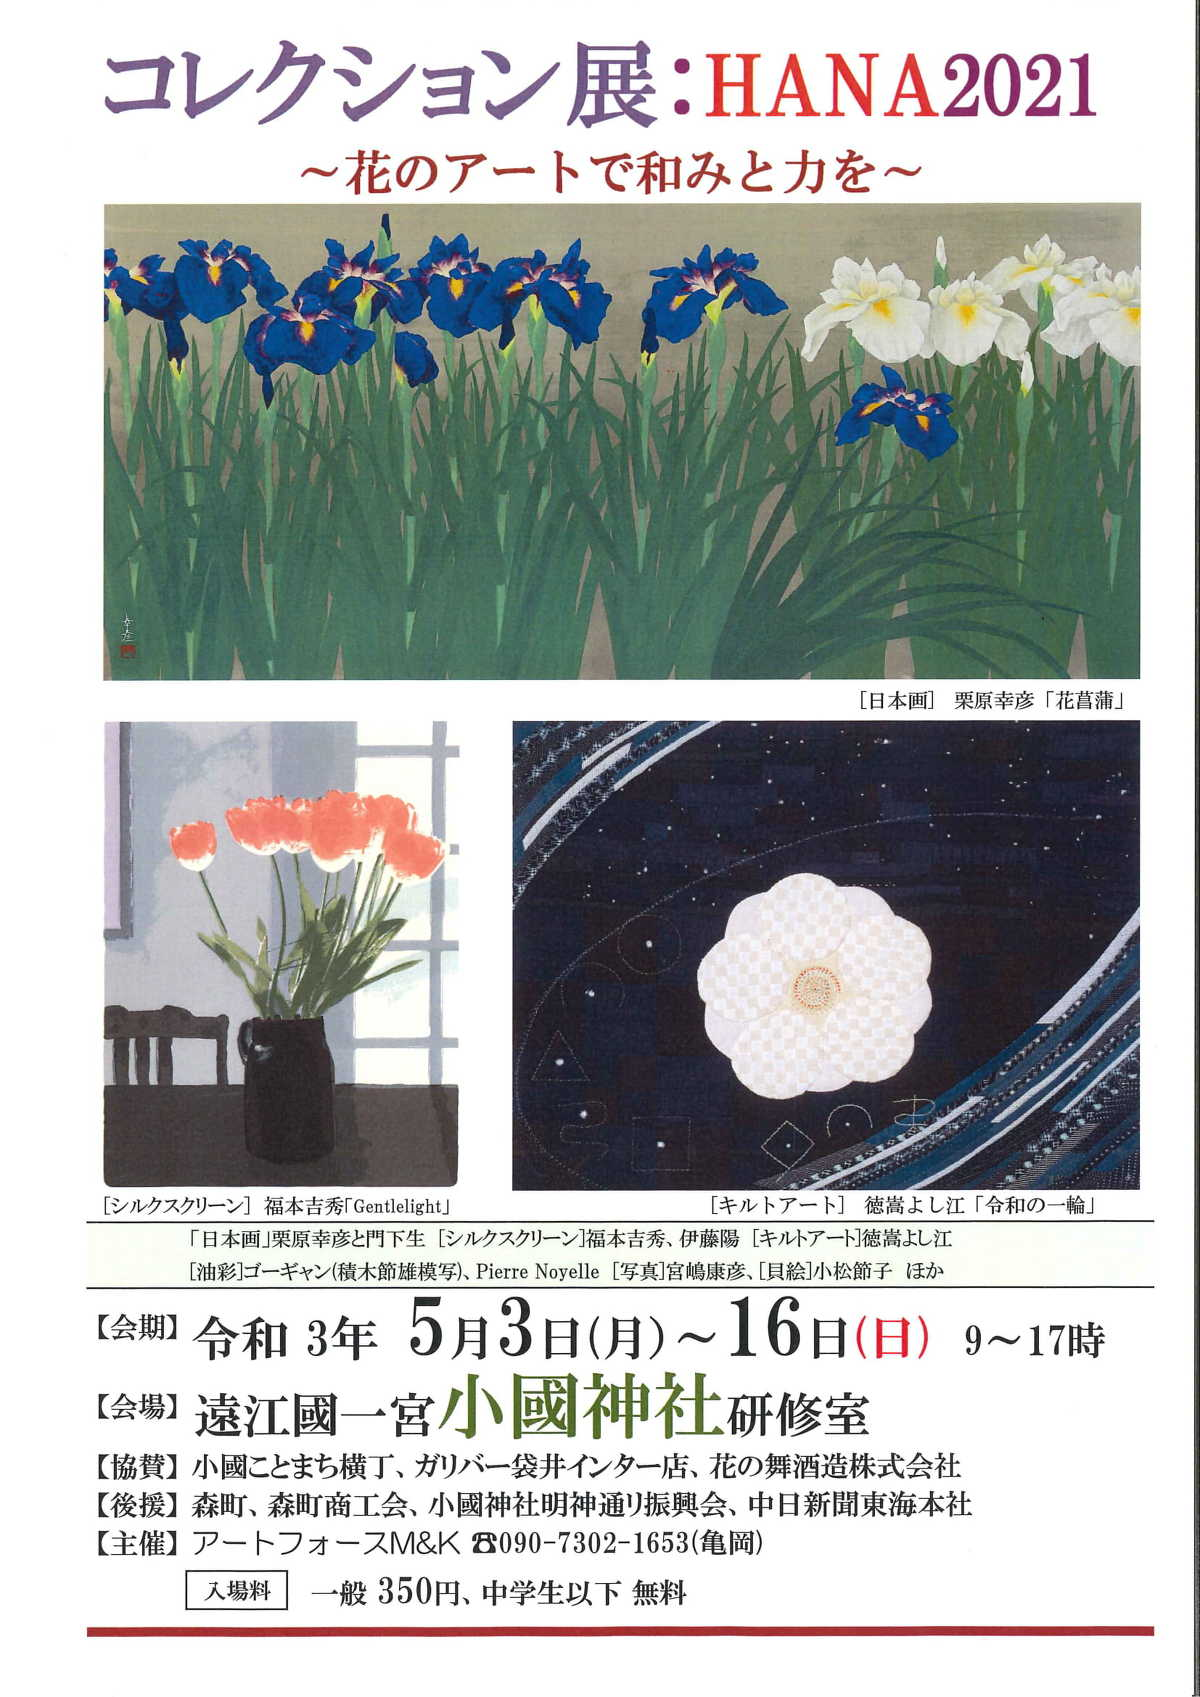 令和3年5月3日(月)~16日(日)「コレクション展:HANA2021」開催!主催アートフォースM&K